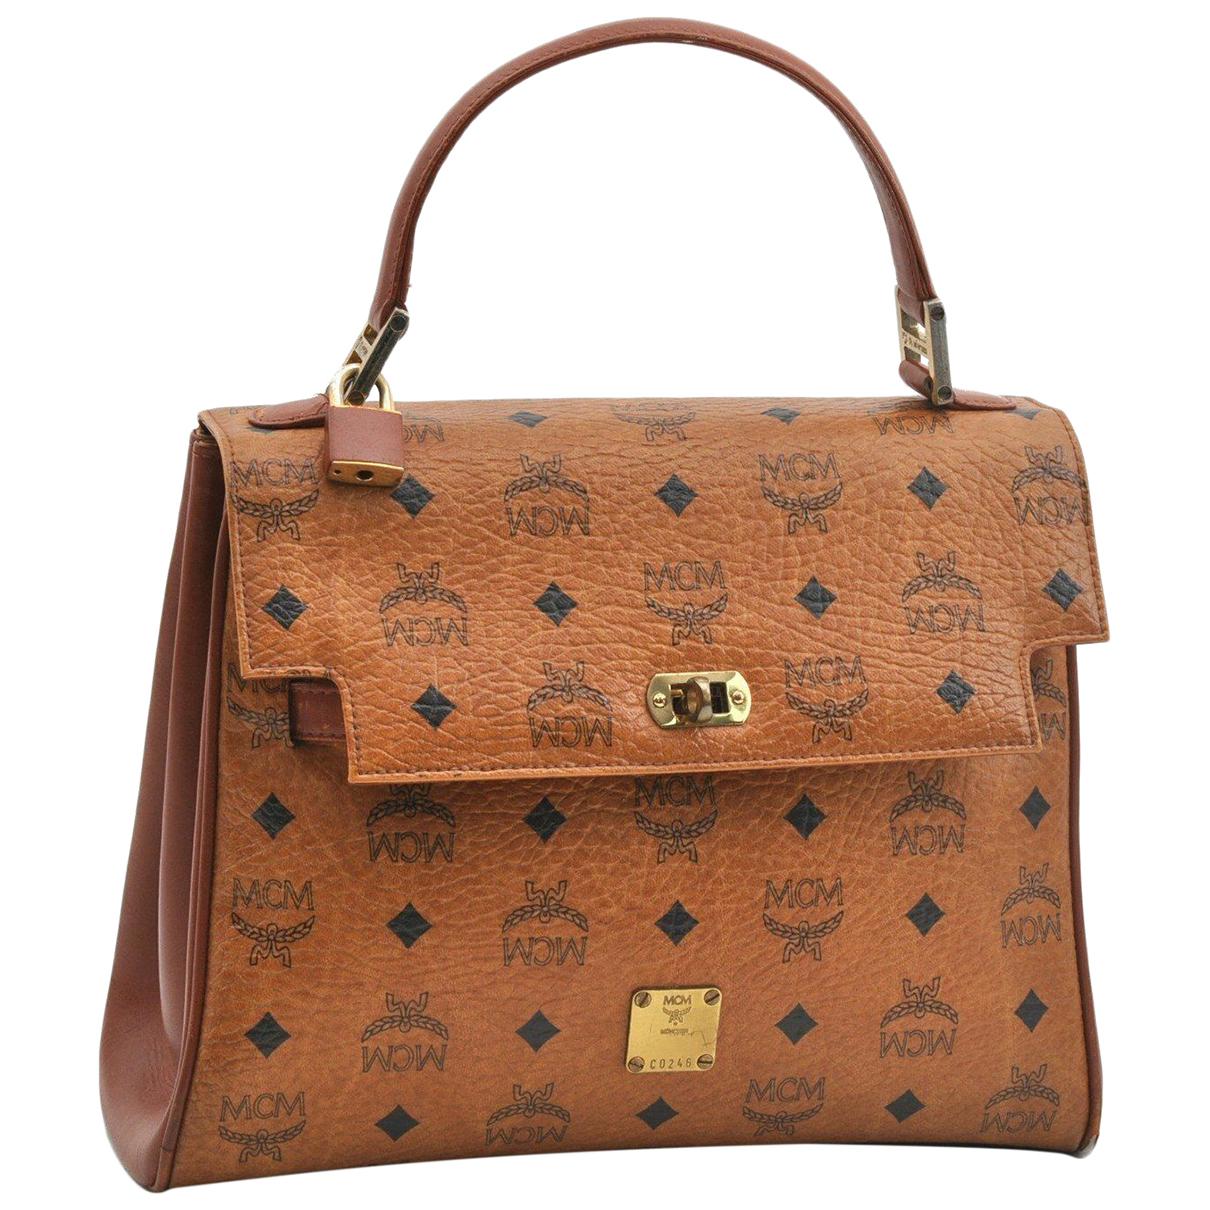 Mcm N Brown Leather handbag for Women N